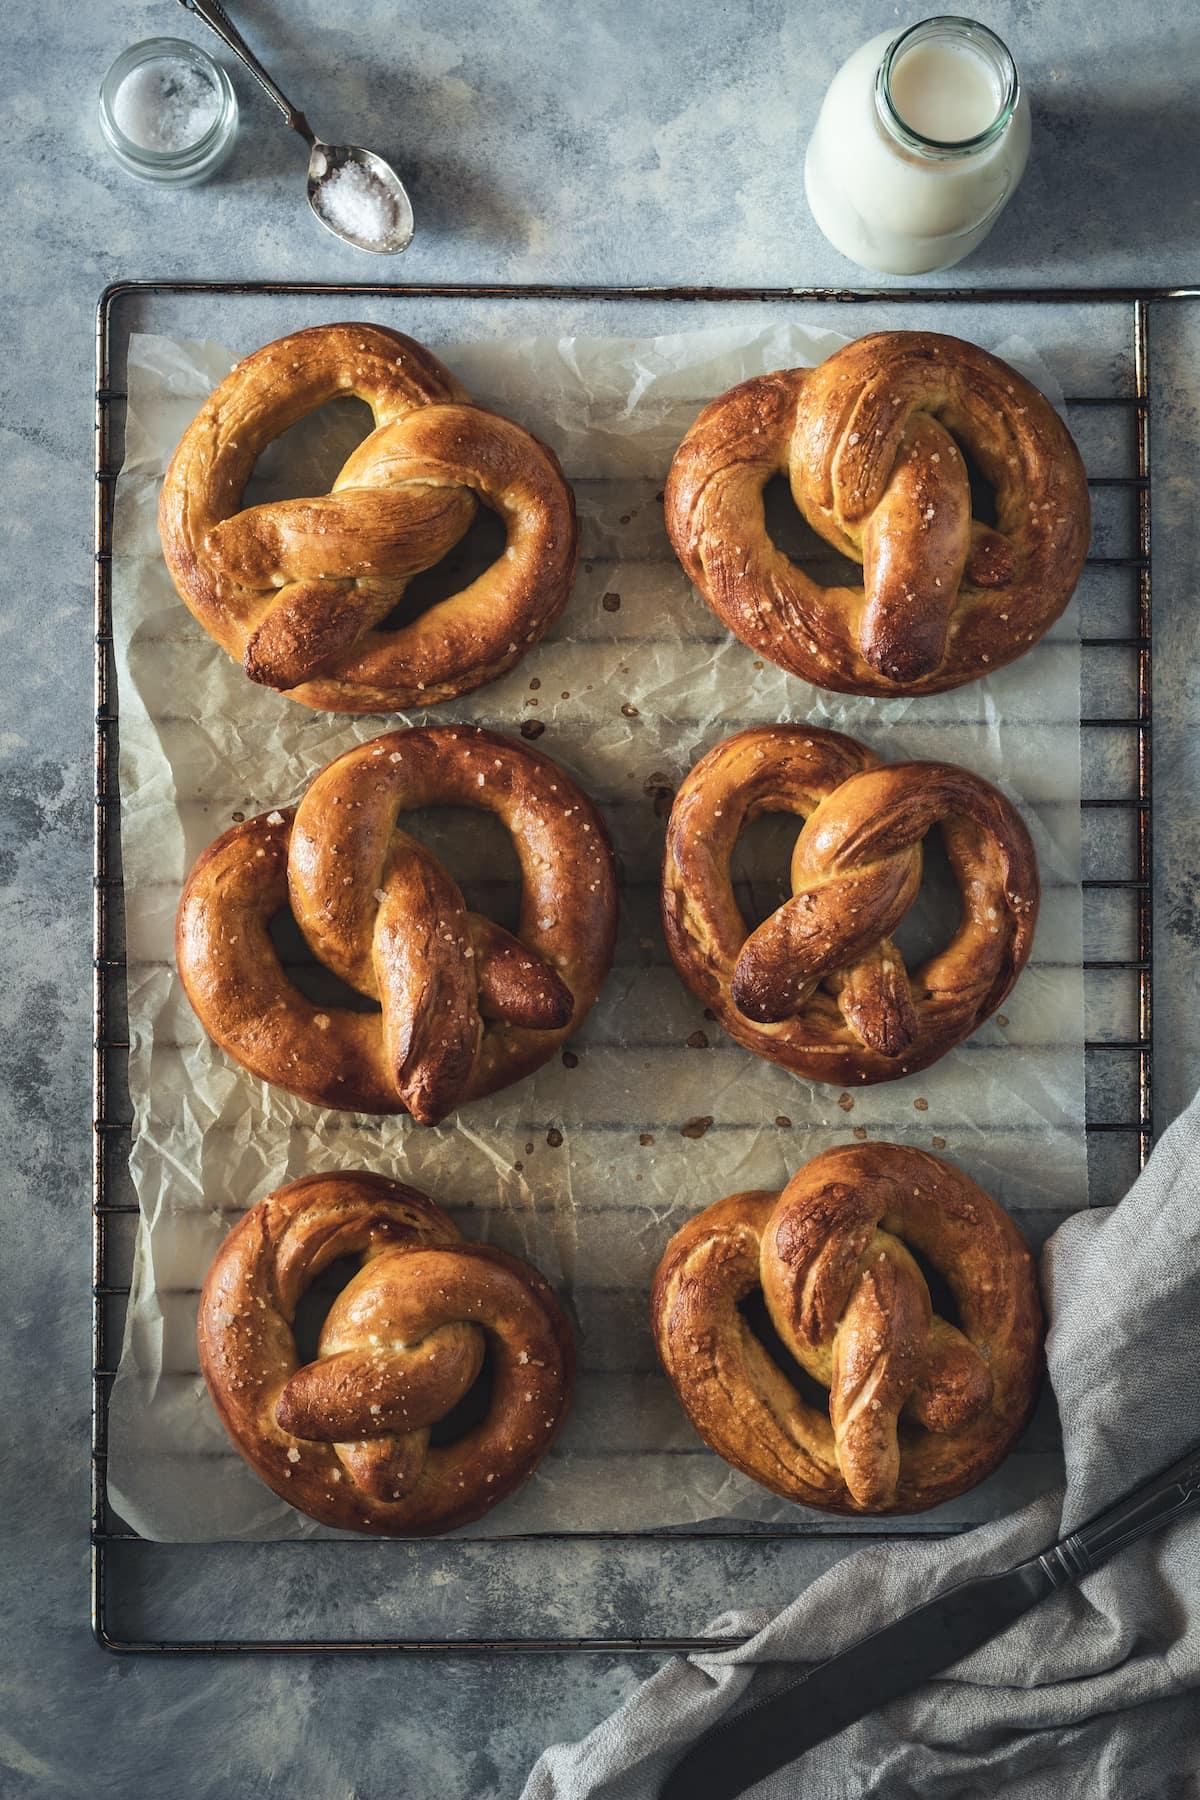 6 pretzels on a cooling rack.